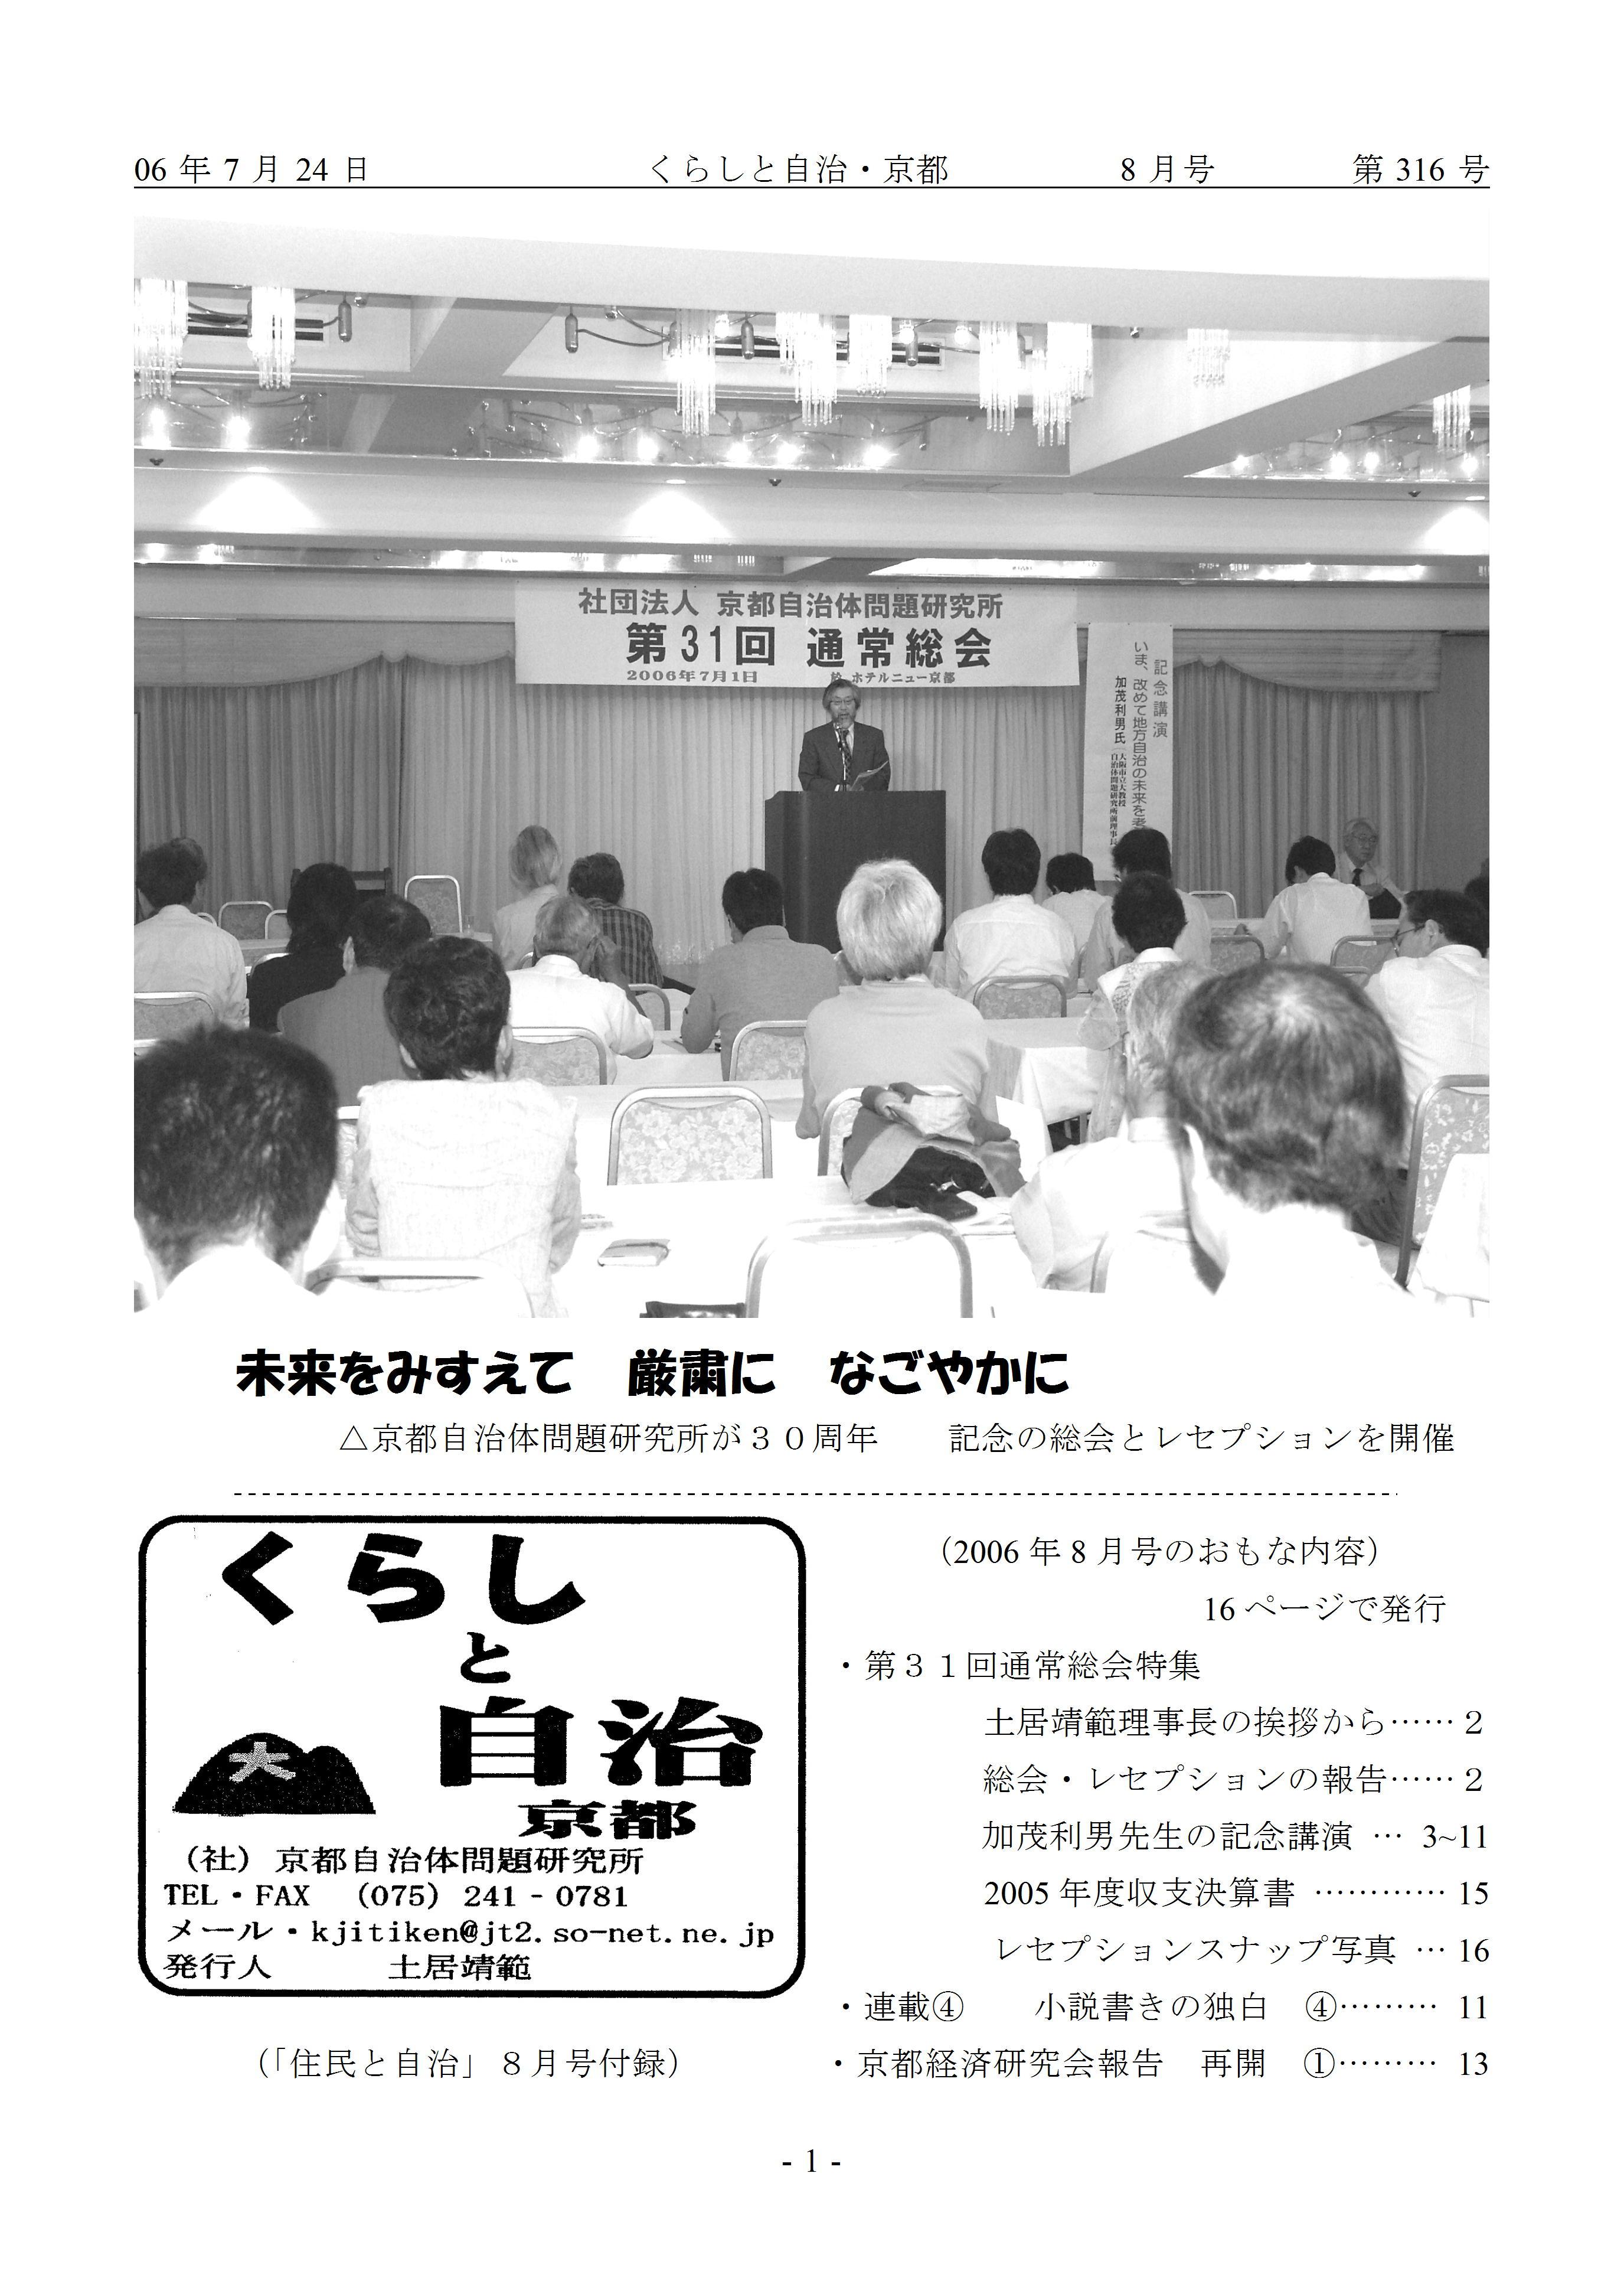 月報「くらしと自治・京都」2006年08月号 第316号